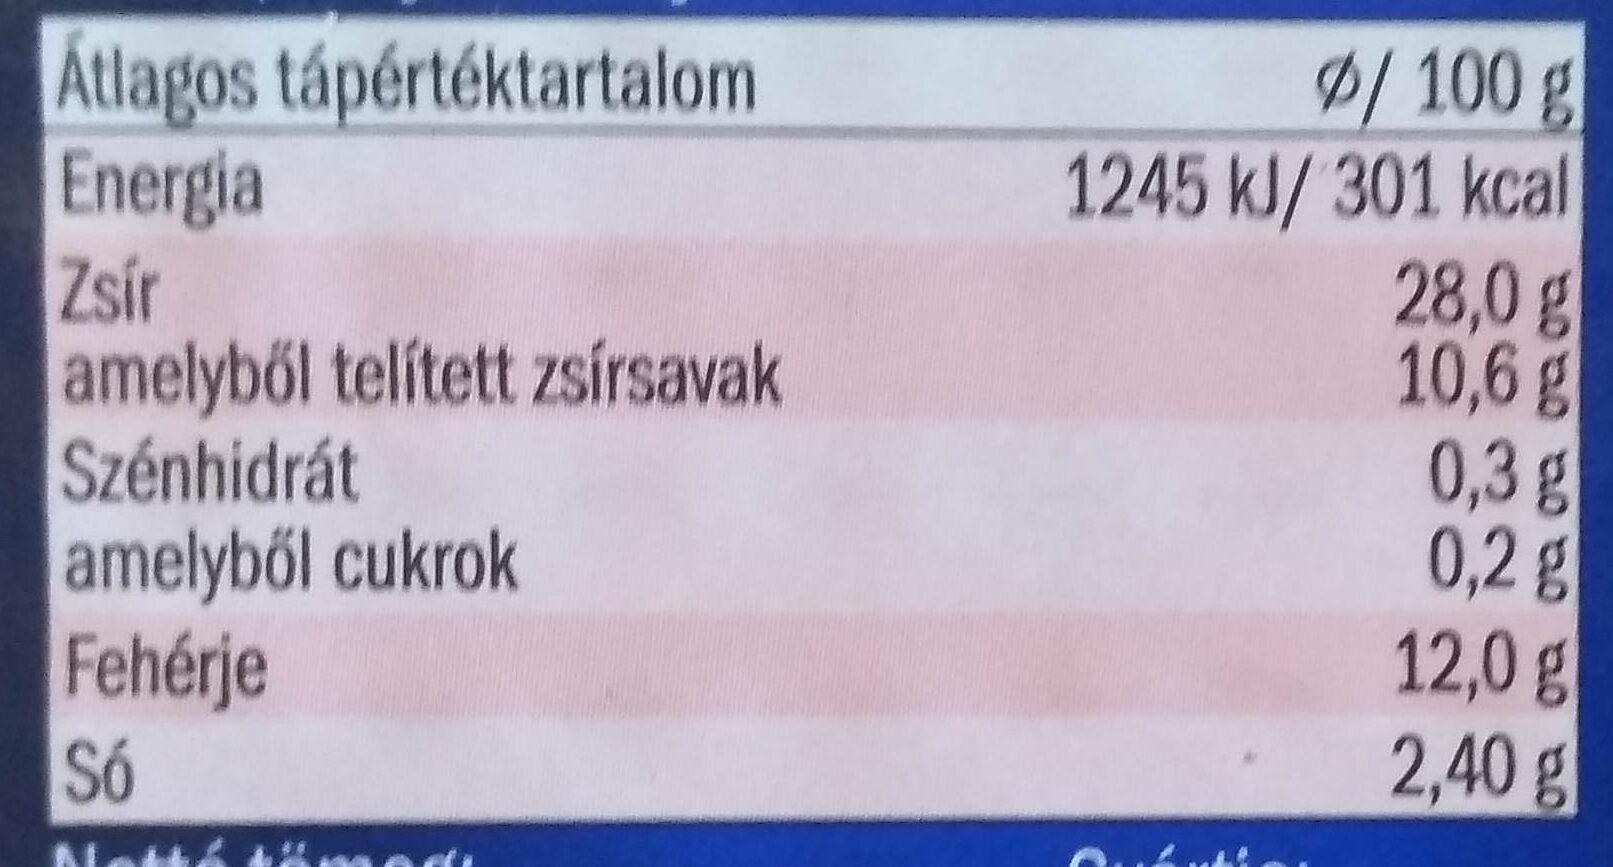 Bécsi roppanós - Informations nutritionnelles - hu